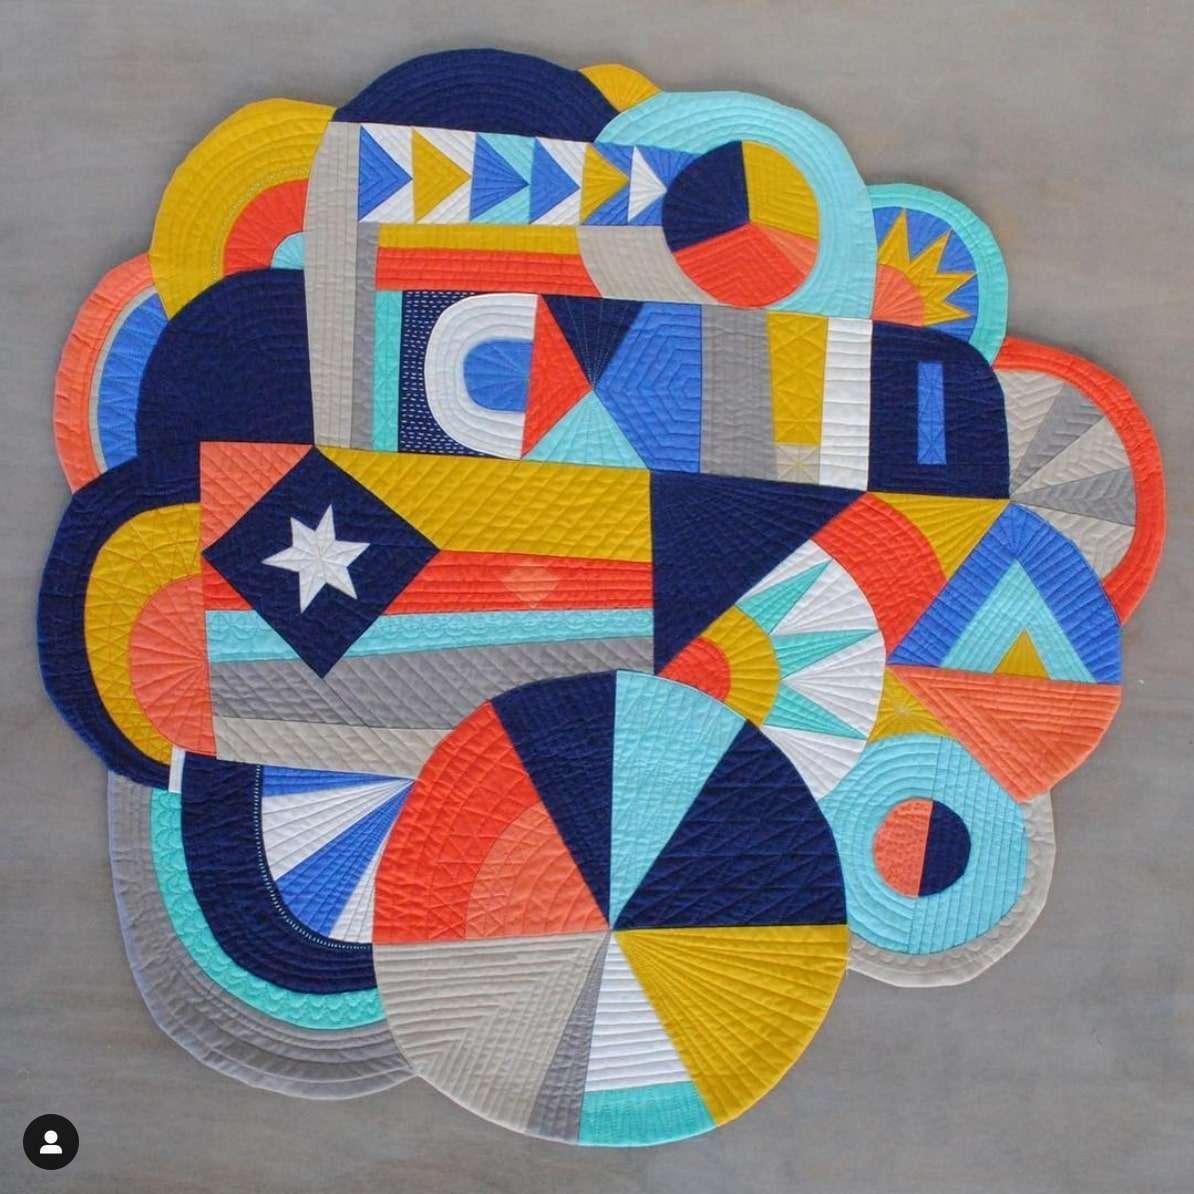 Art quilt, oeuvre d'art en tissu, improvisation